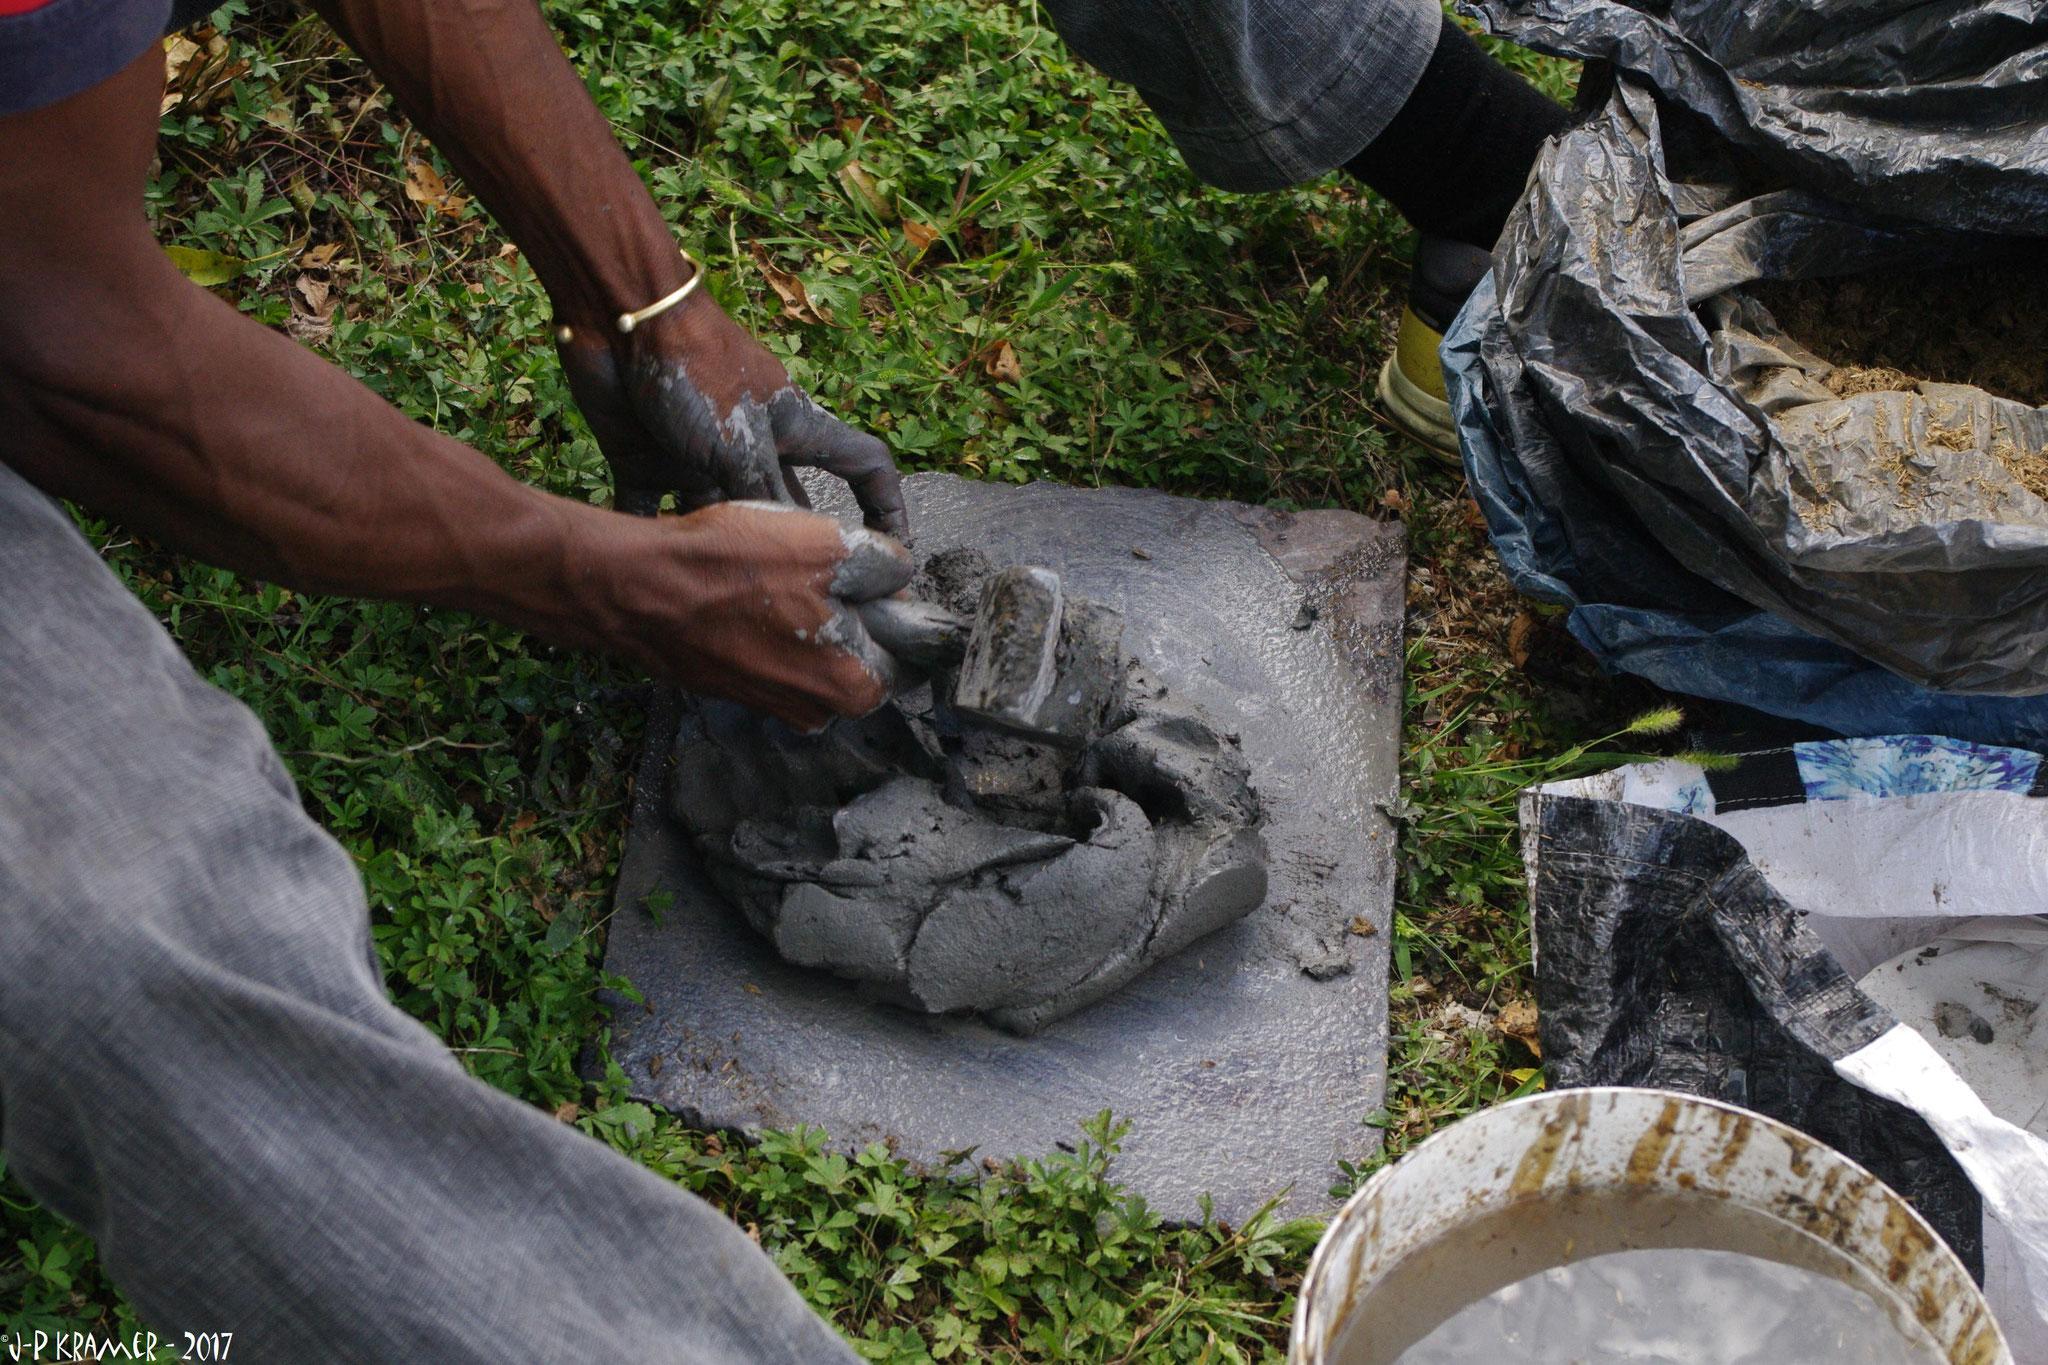 2017 - 47 St Antoine de Ficalba - Ateleir découverte technique du bronze à la cire perdue - Chez Eve Delaneuville, sculpteur sur bois